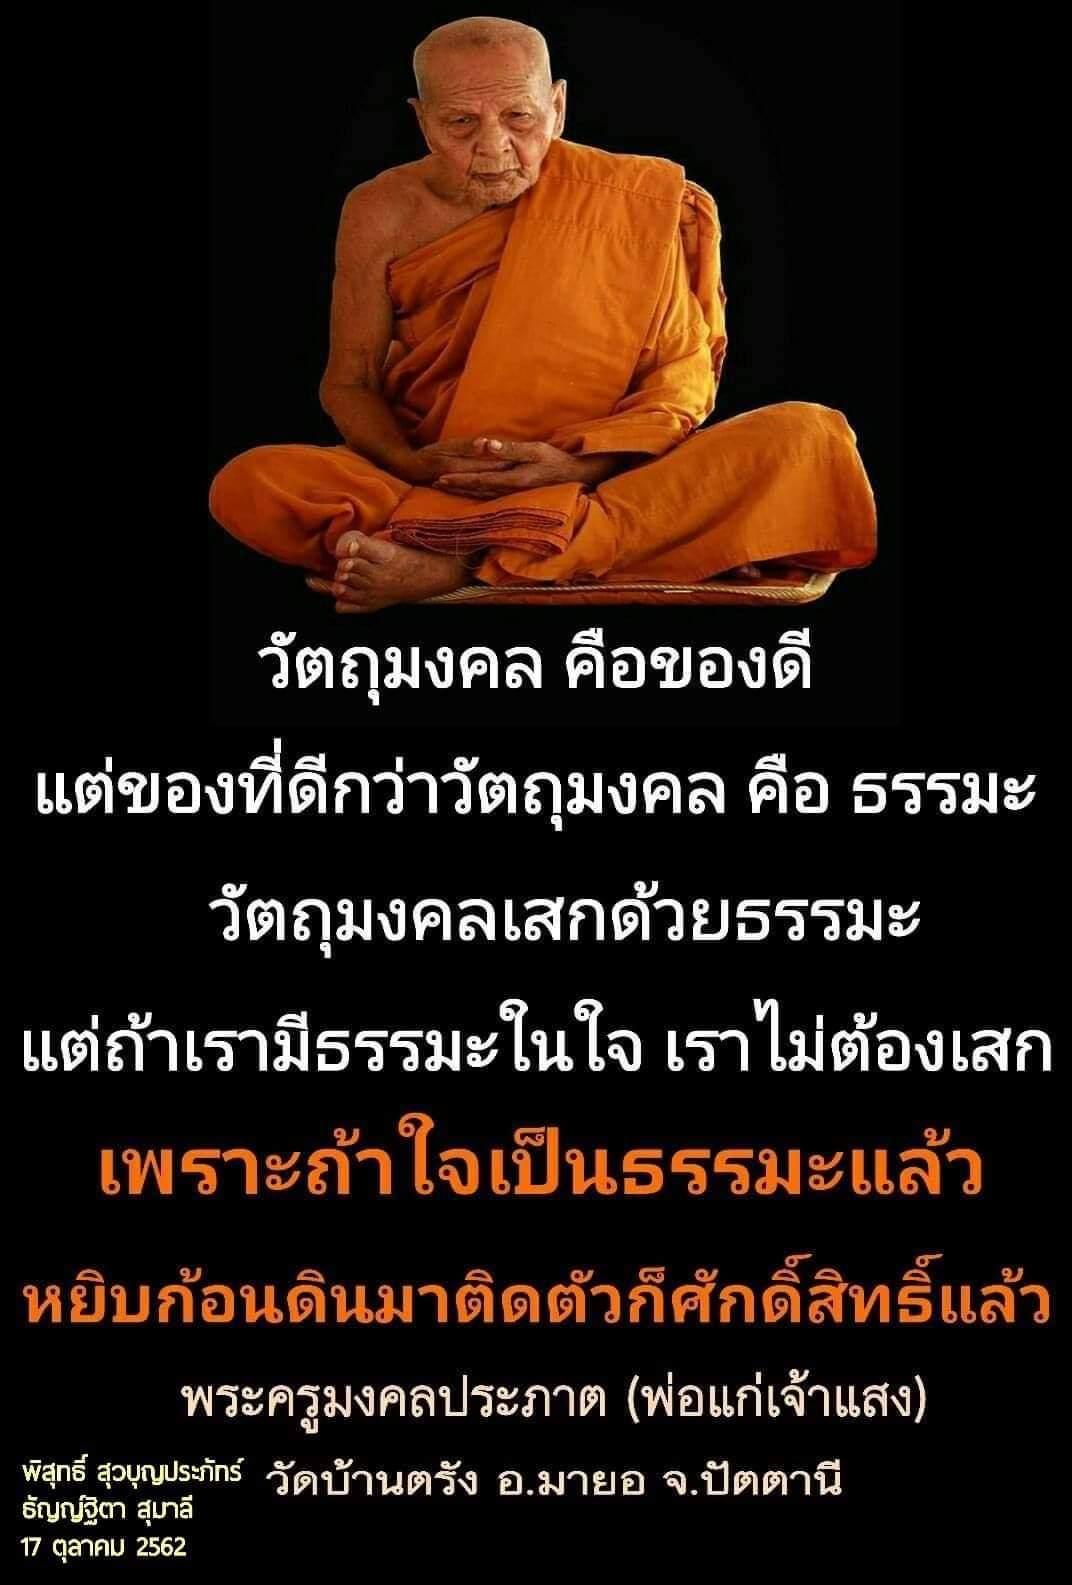 FB_IMG_1571574934879.jpg